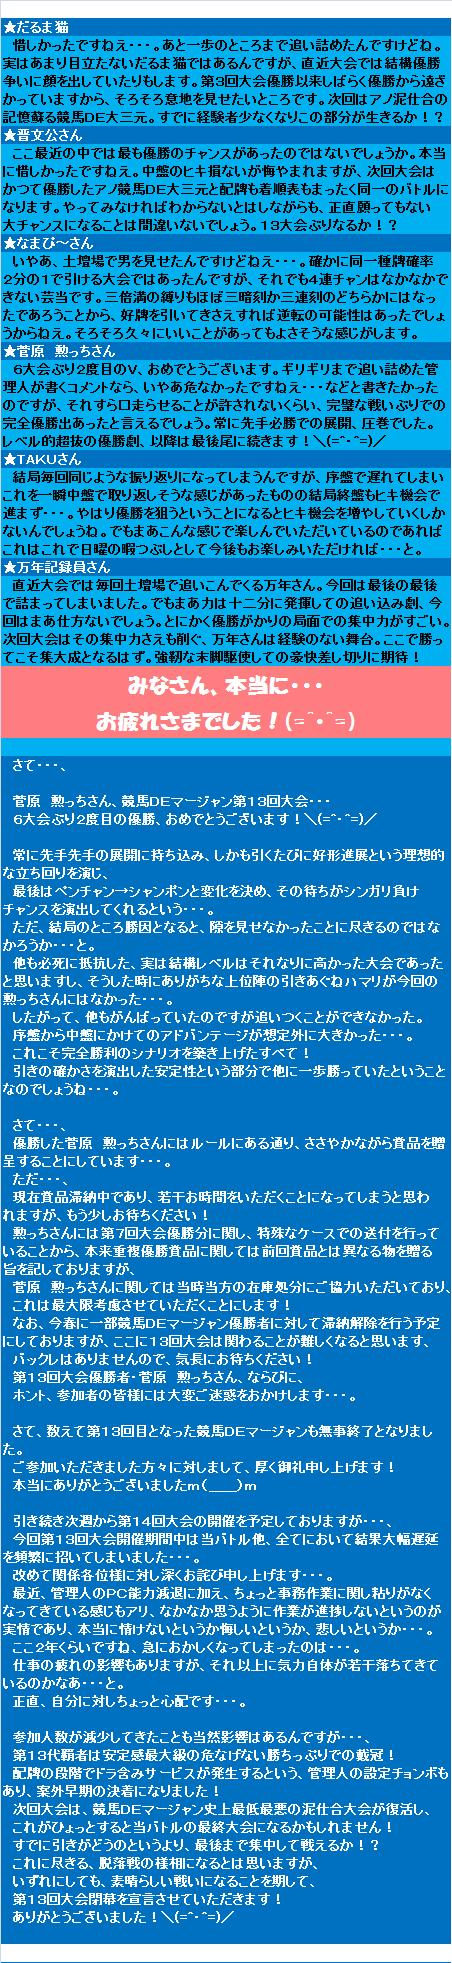 20130119・競馬DEマージャン結果④.jpg